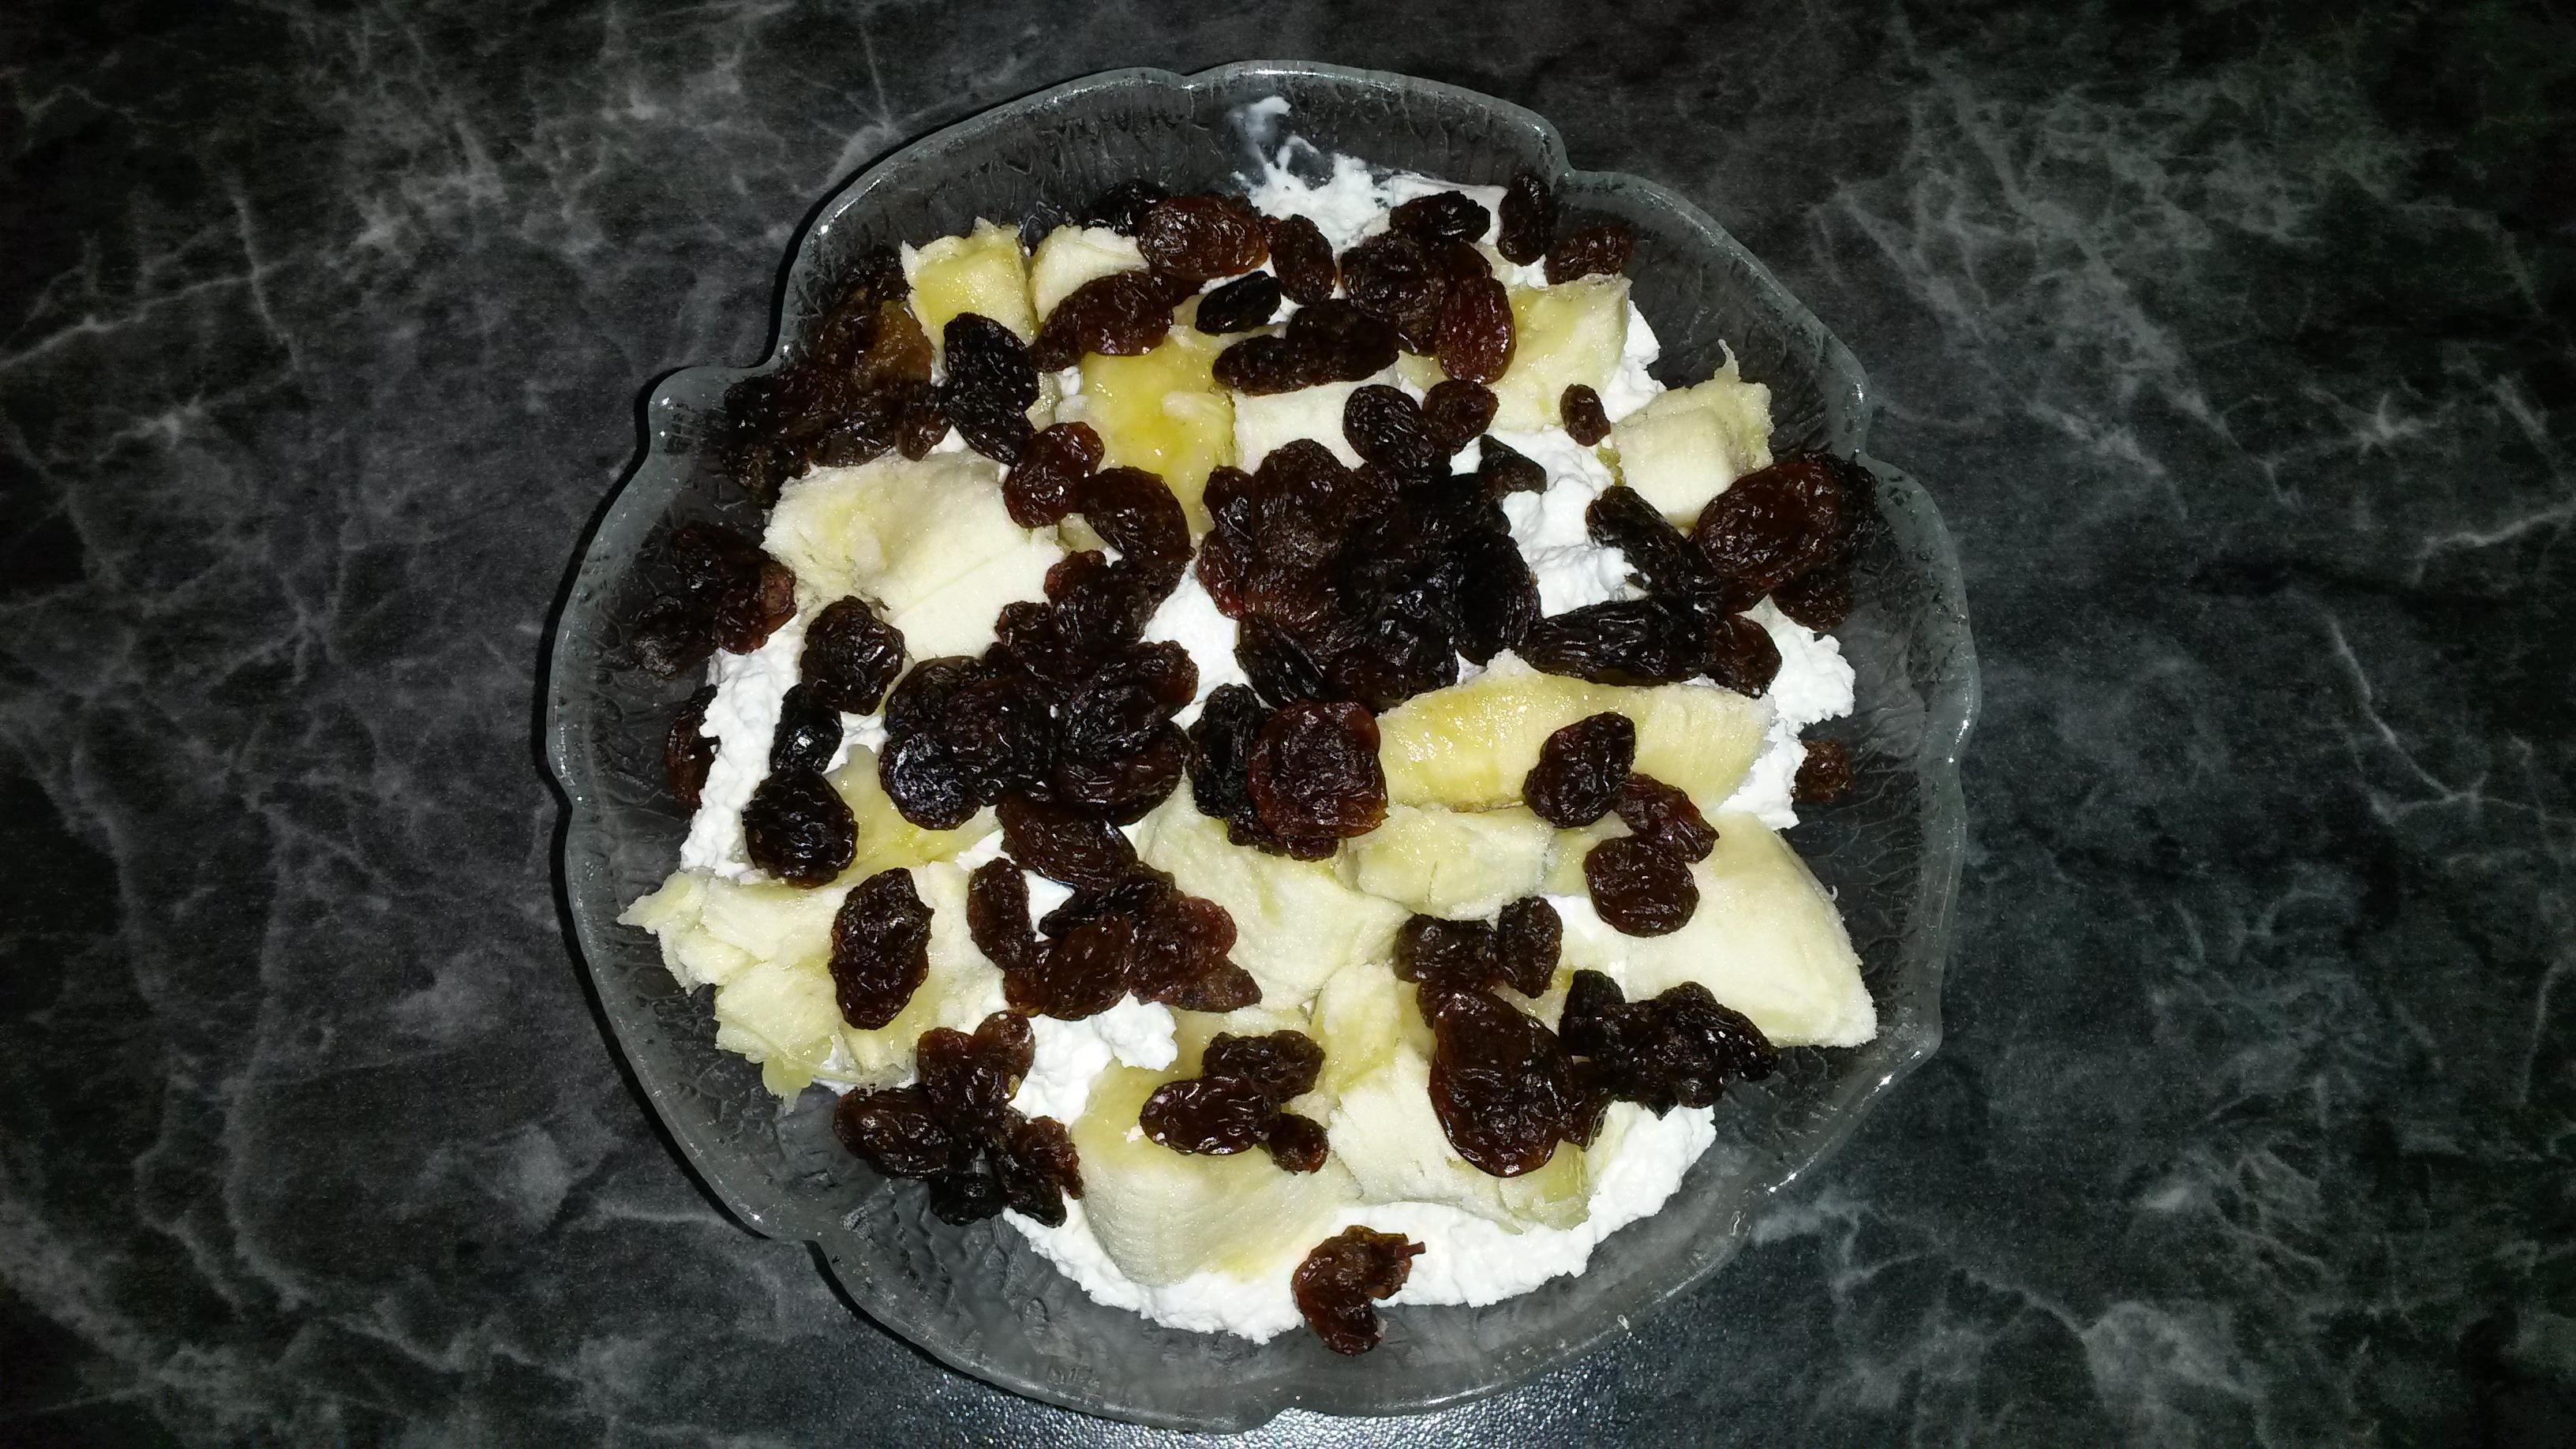 https://foodloader.net/sk0r_2014-04-18_Magerquark_Banane_Rosinen_.jpg